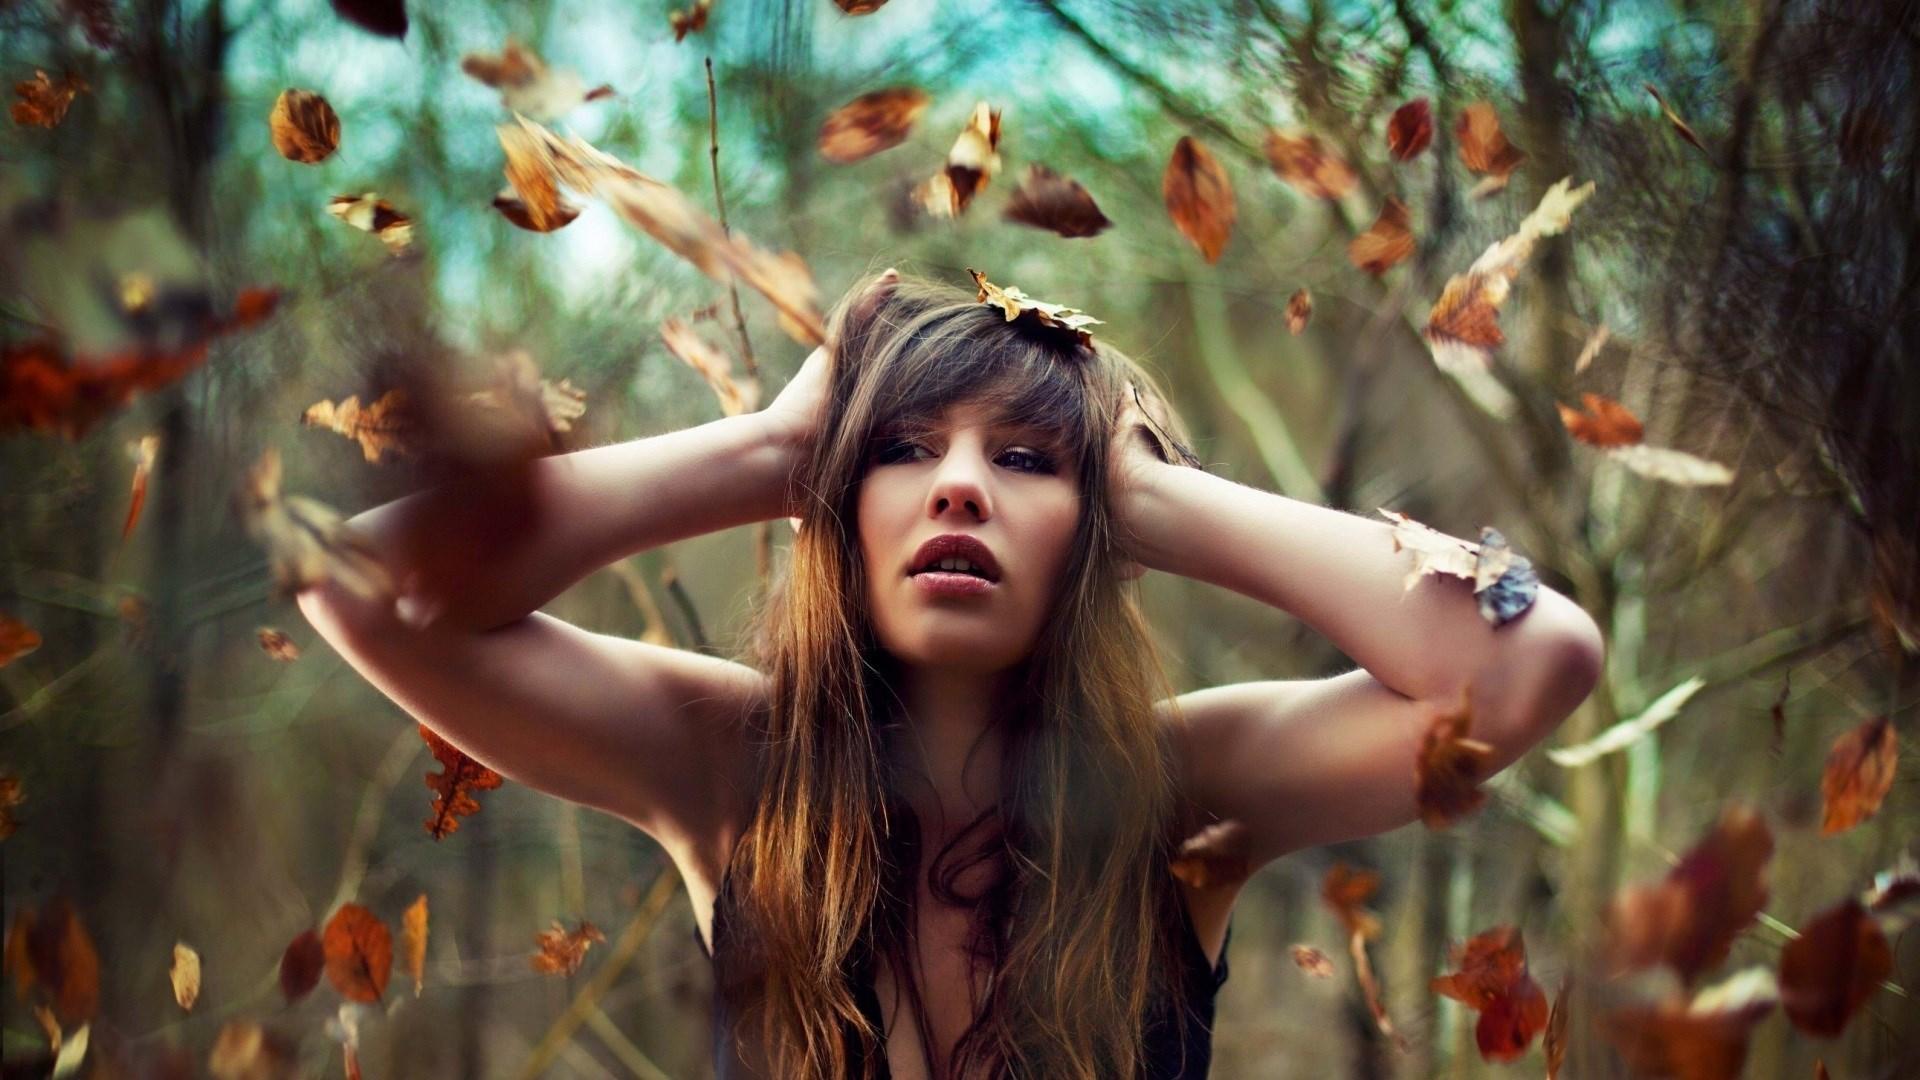 Autumn Leaves Girl